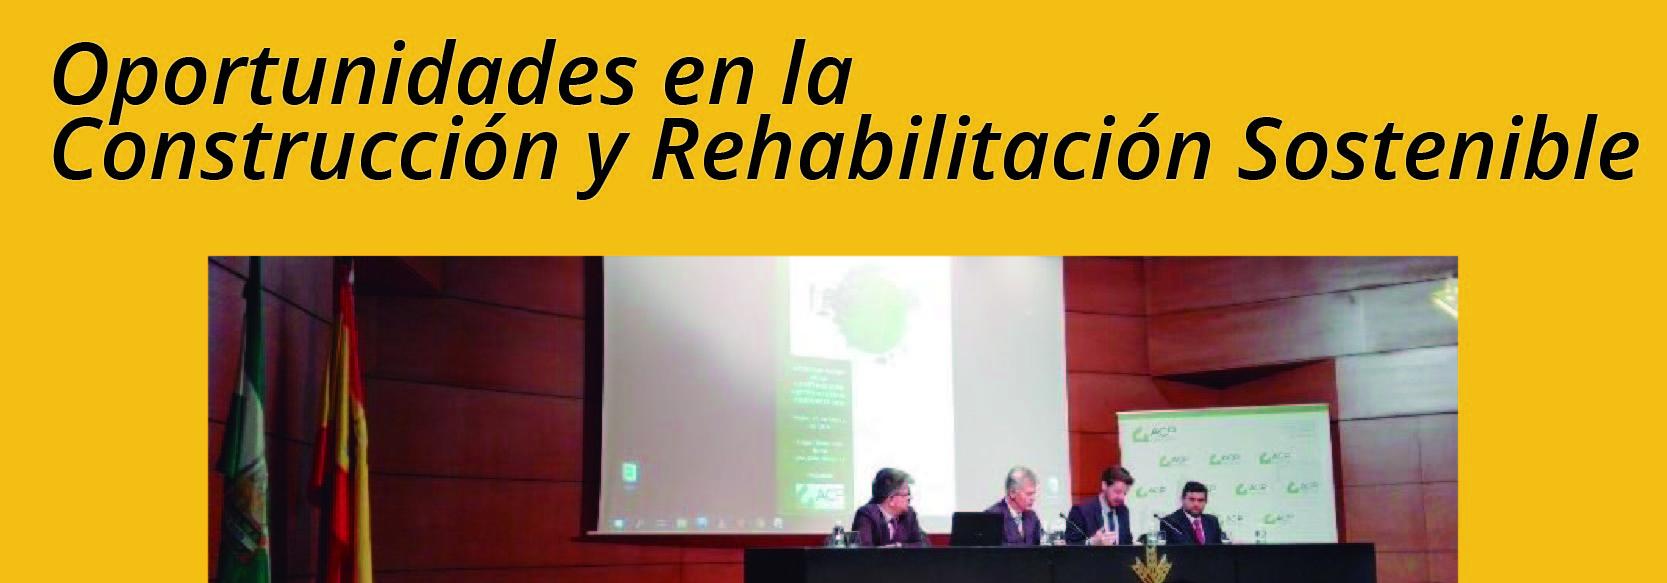 Construccion-rehabilitacion-sostenible